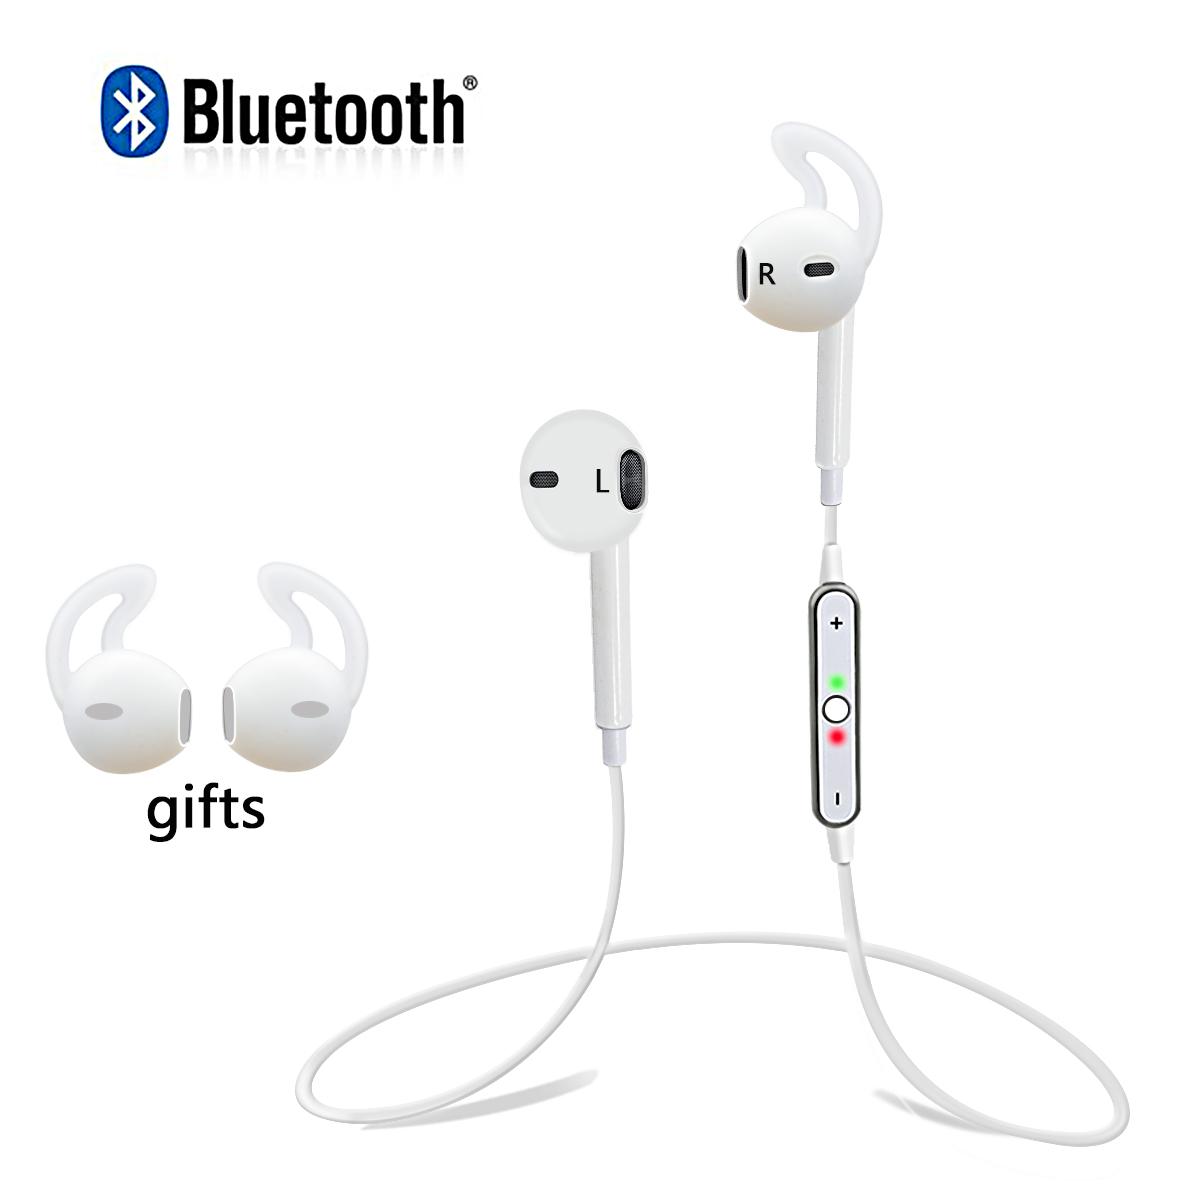 苹果s6蓝牙耳机 - 深圳市汉富商贸科技有限公司